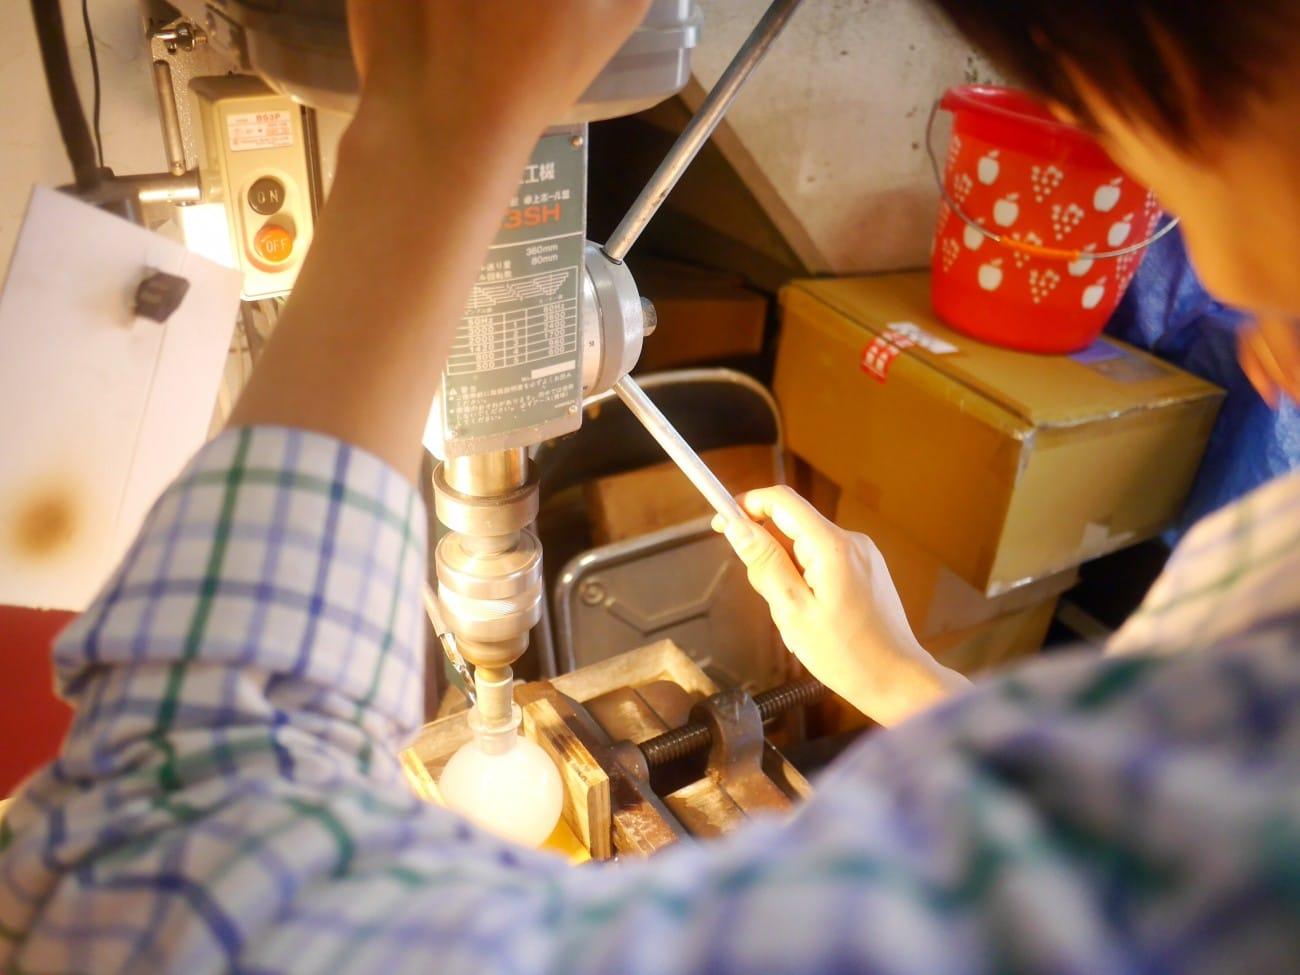 『清澄白河』舊傳統新發現!自己做世界唯一的江戶玻璃瓶